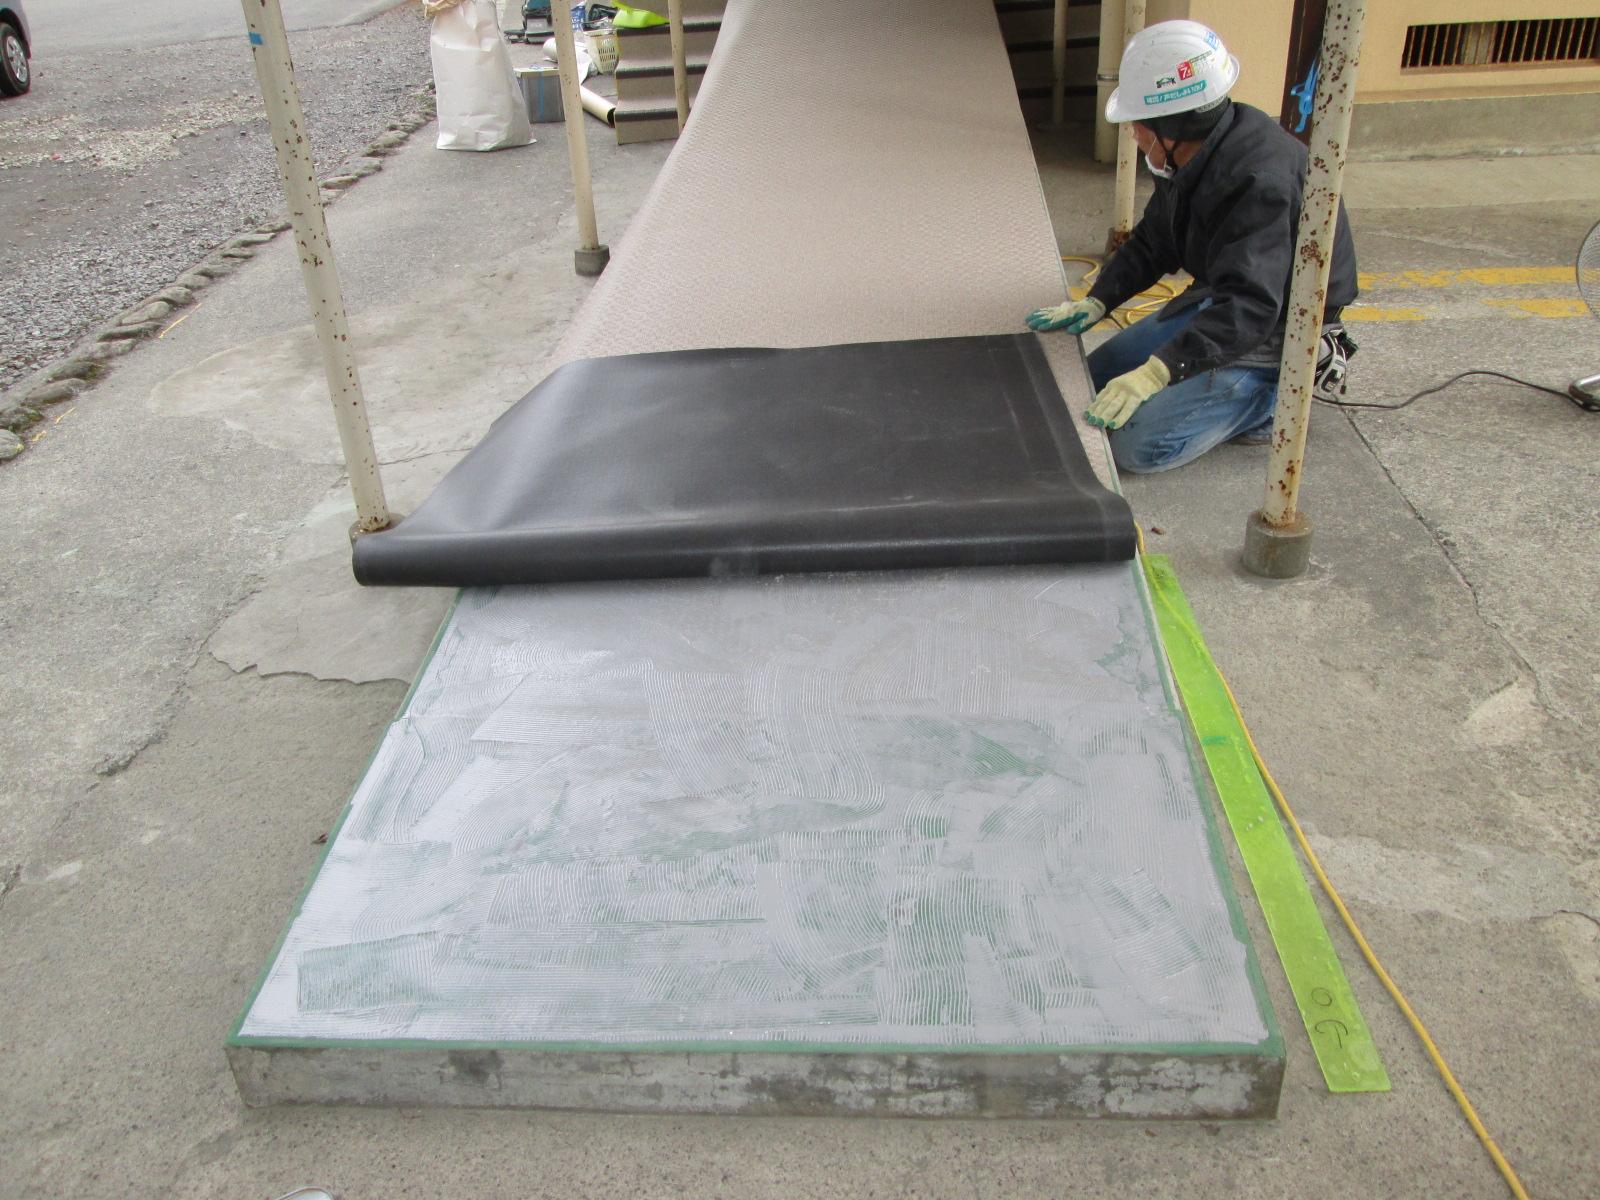 床防滑シート工事(渡り廊下)のイメージ画像